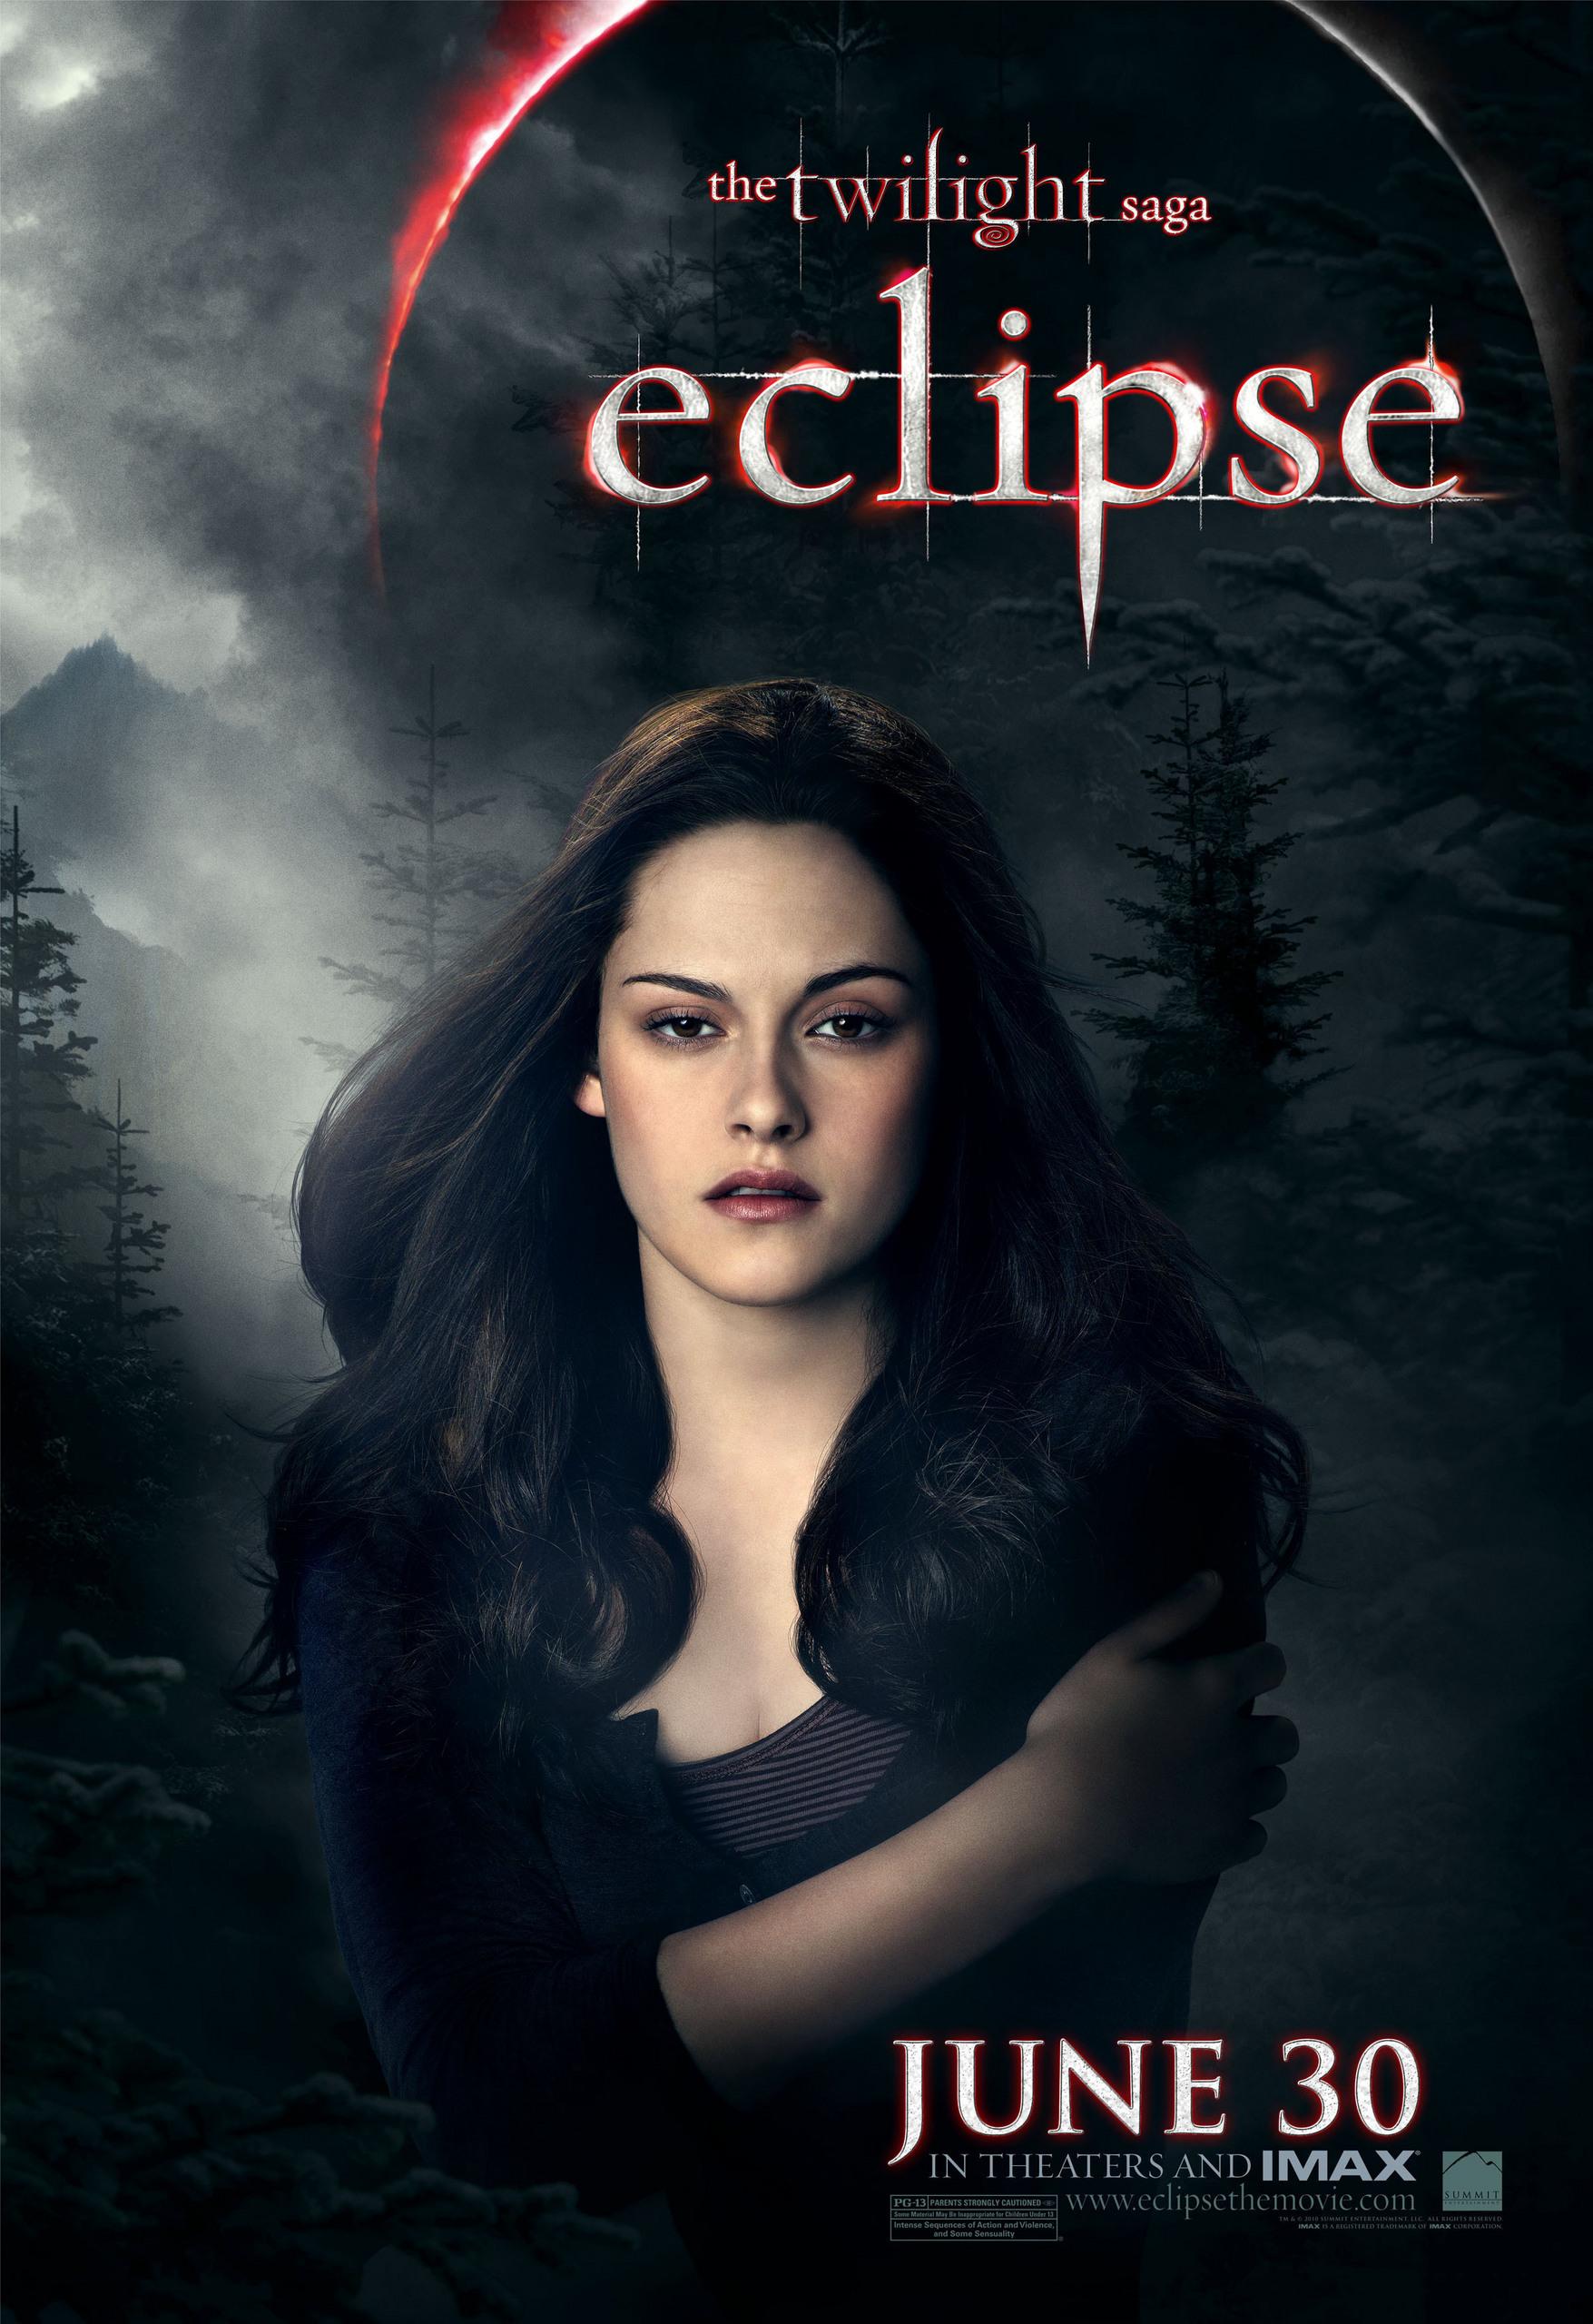 eclipse bella banner